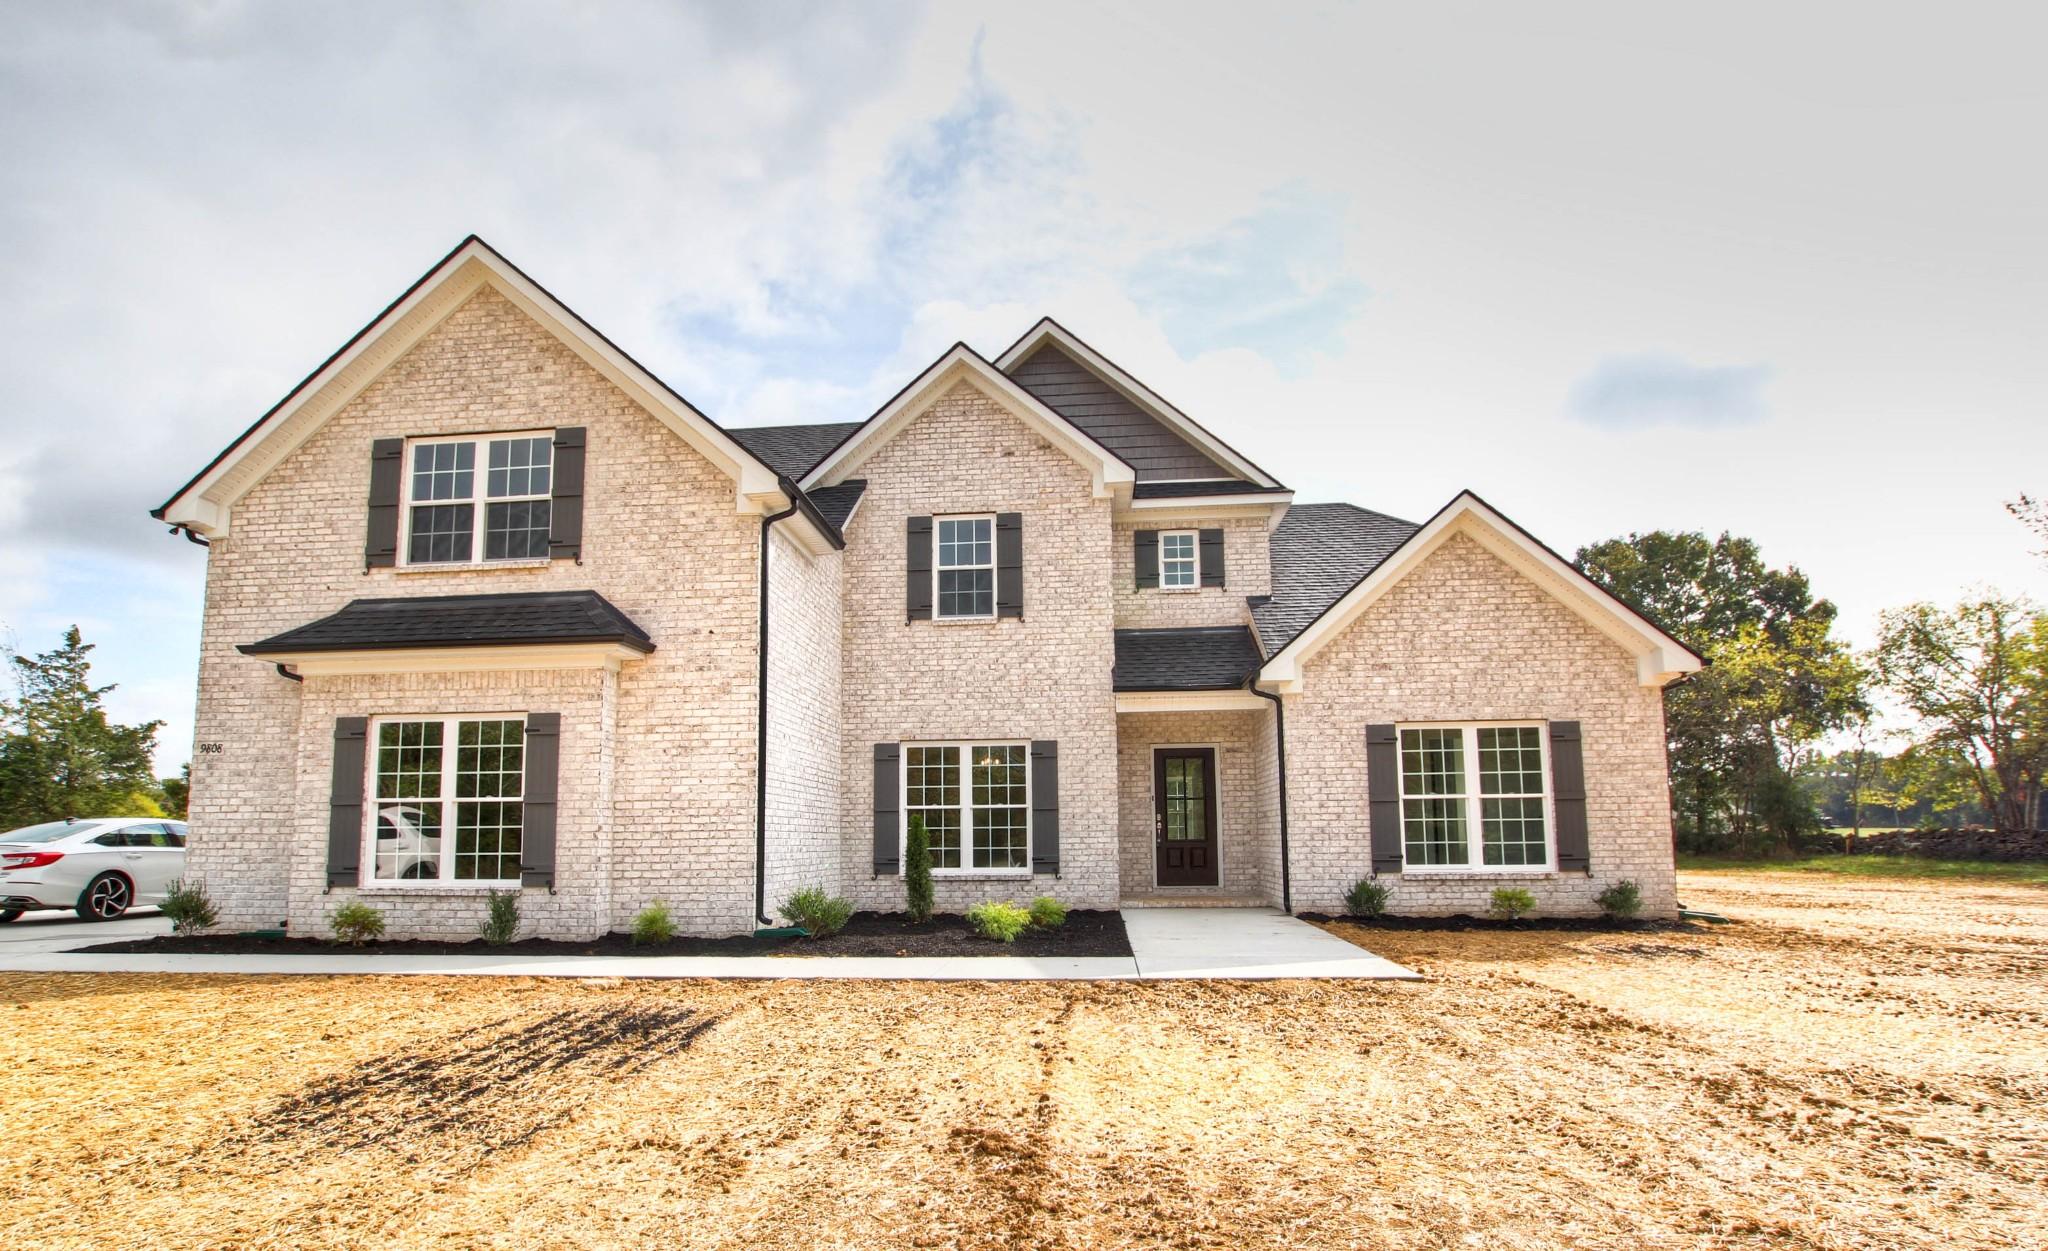 9808 E Gum Rd Property Photo